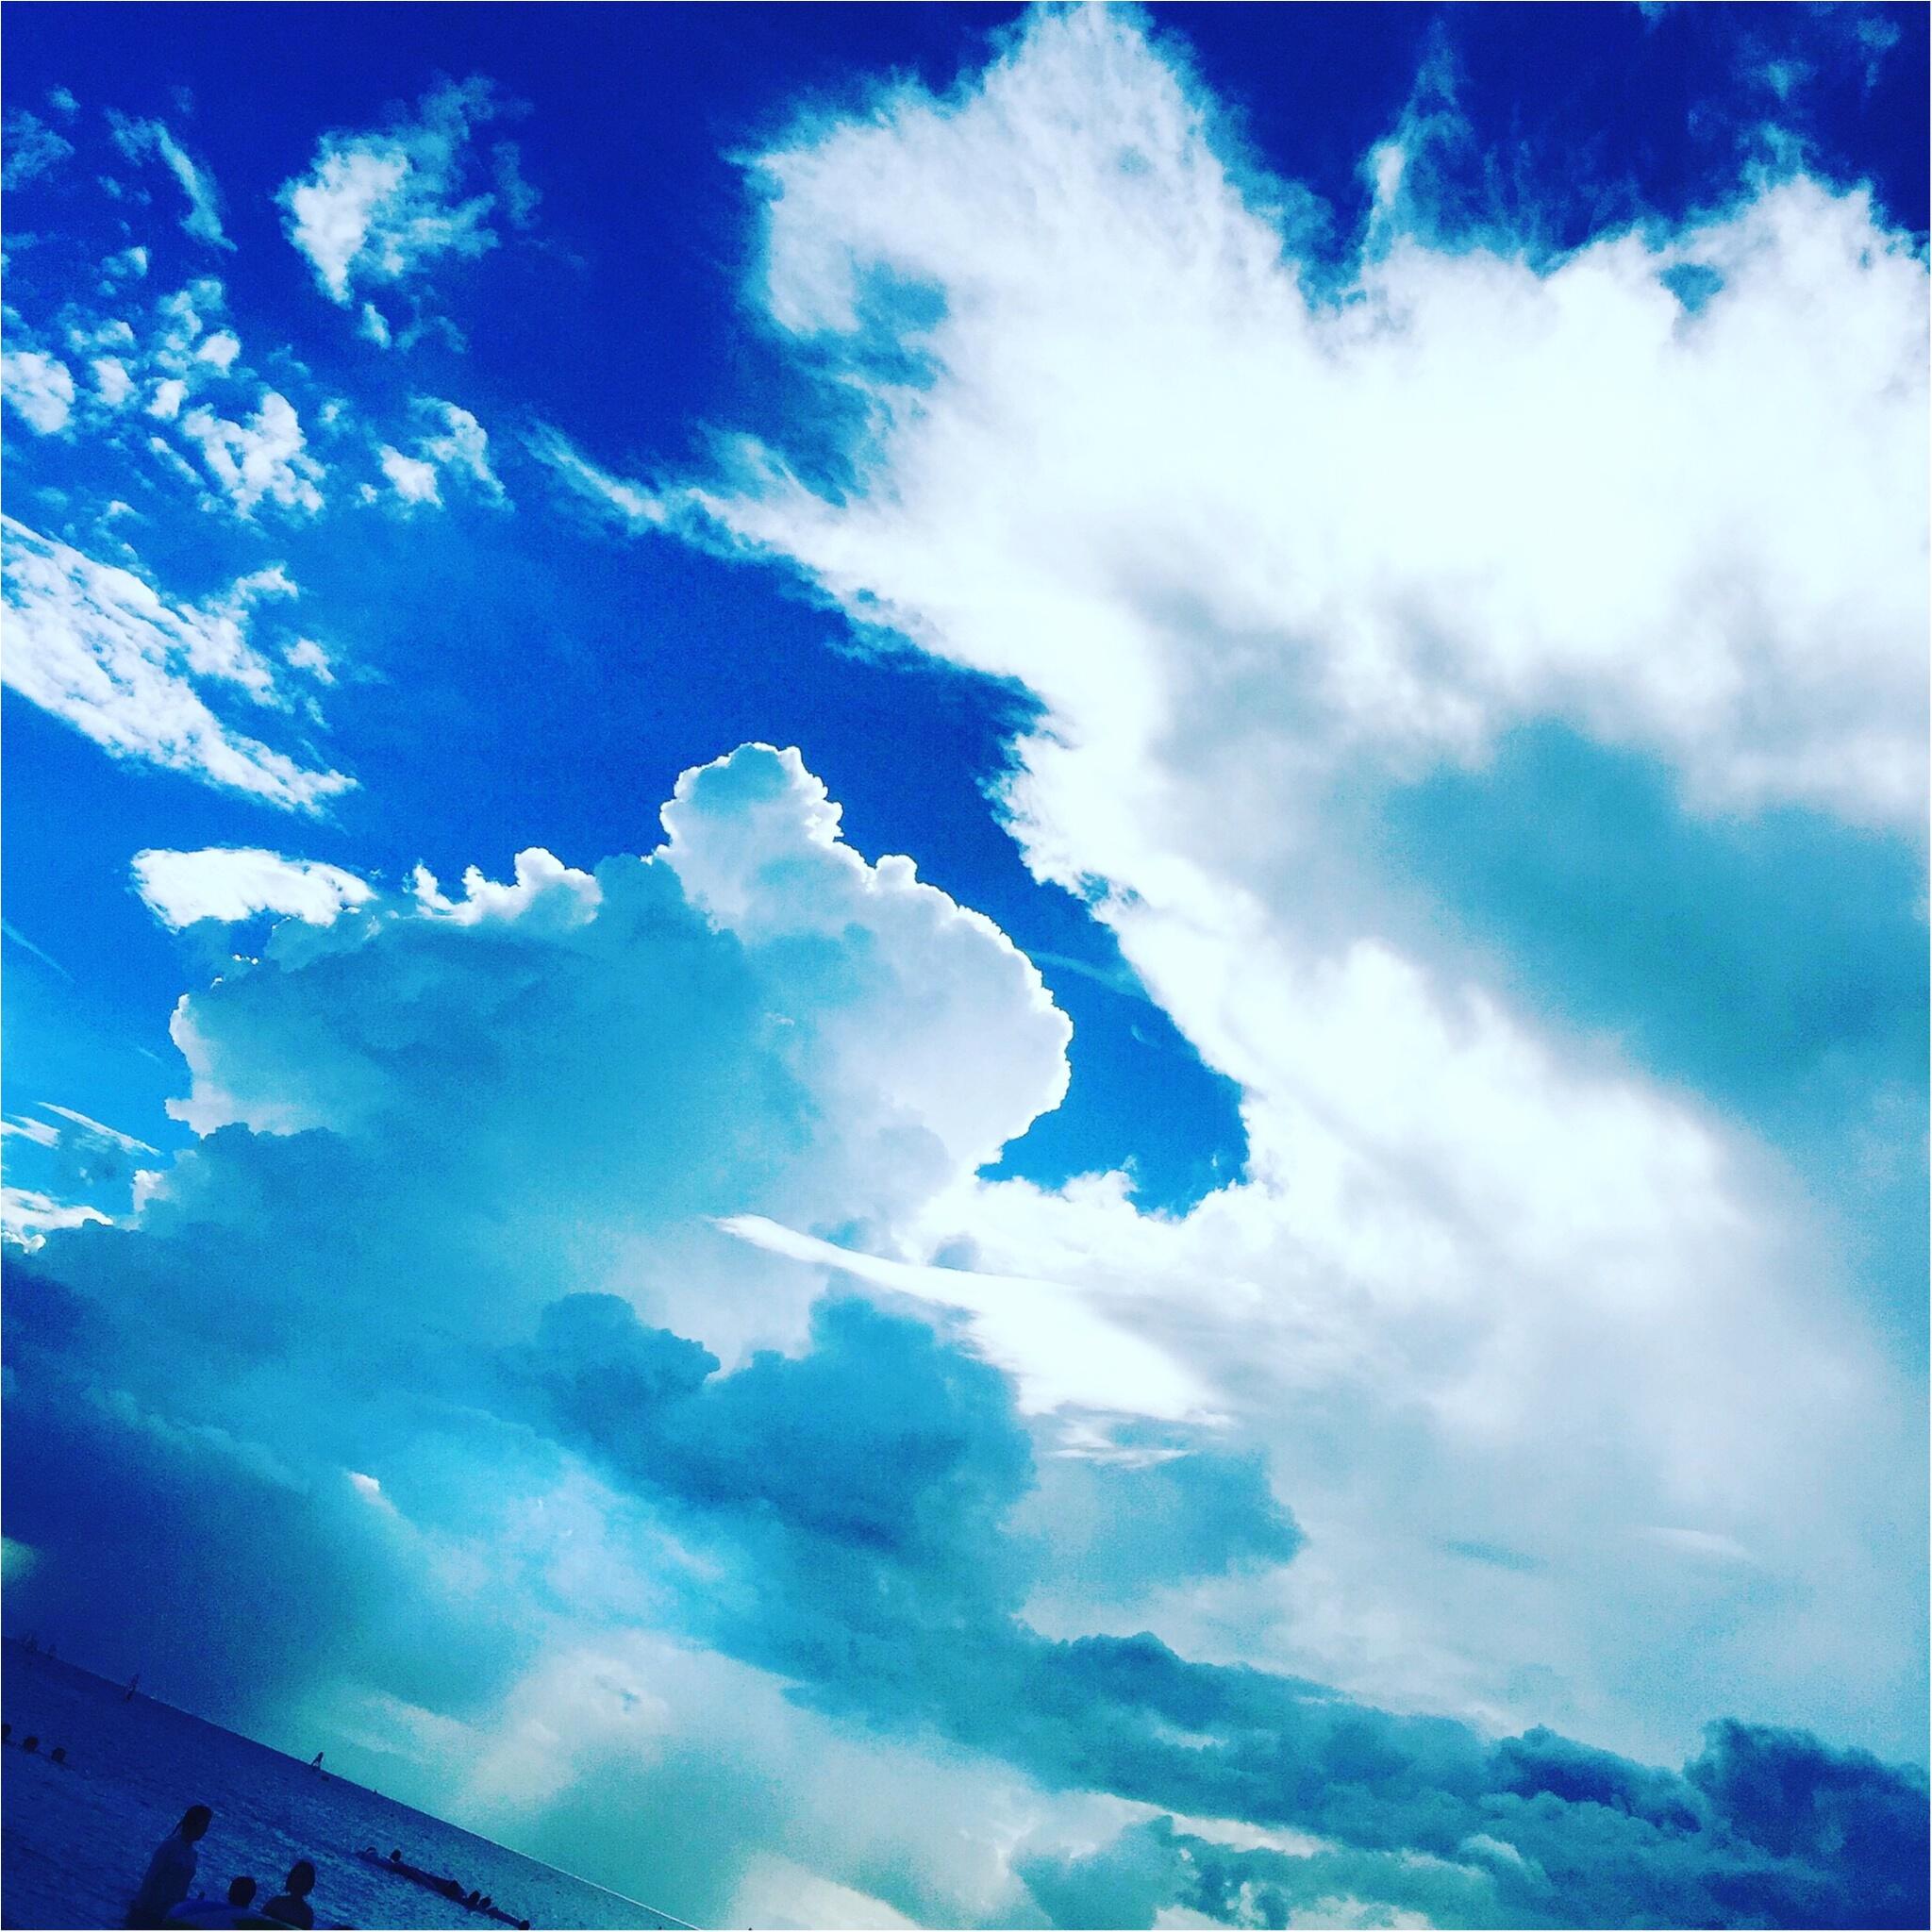 【*最近の空の写真*】_5